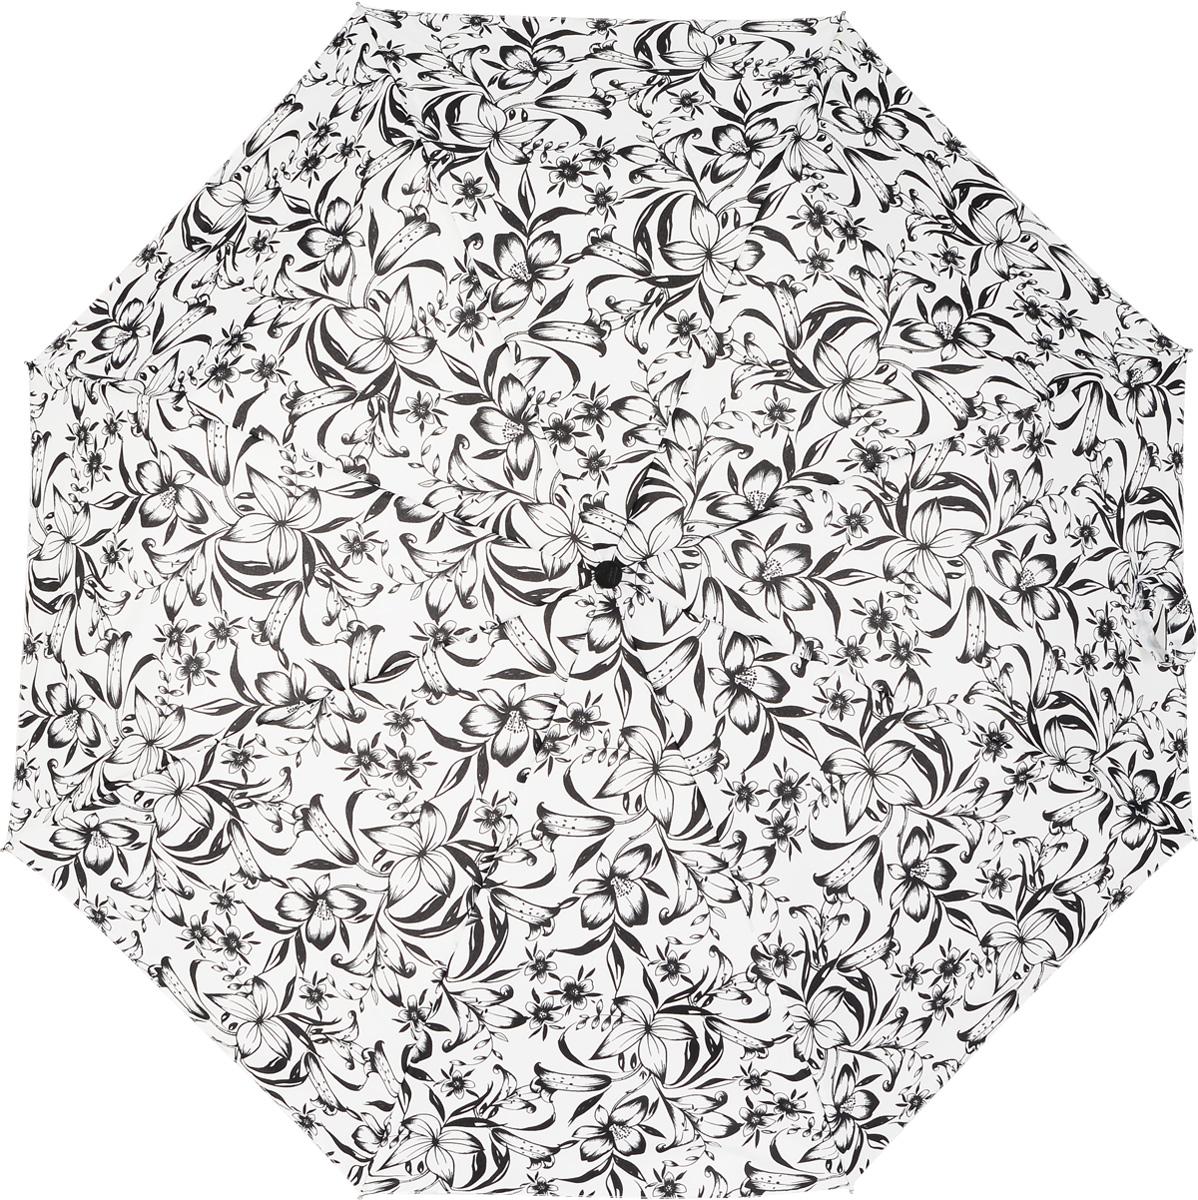 Зонт женский автомат Fulton, расцветка: черные расцветкаы. J346-2298 DrawnFloralJ346-2298 DrawnFloralЖенский зонт «Цветы» в черно-белой гамме, автомат, Drawn Floral, open&close, J346 2S2298, Fulton Идеальный зонт для тех, кто, по разным причинам избегая аксессуаров ярких расцветок, умеет акцентировать свой облик в рамках черно-белой гаммы. Изысканная стилизация под рисунок черной тушью завораживает взгляд. Белый купол зонта помимо того, что выглядит празднично, обеспечивает комплиментарное для лица освещение. Модель ветроустойчивая.